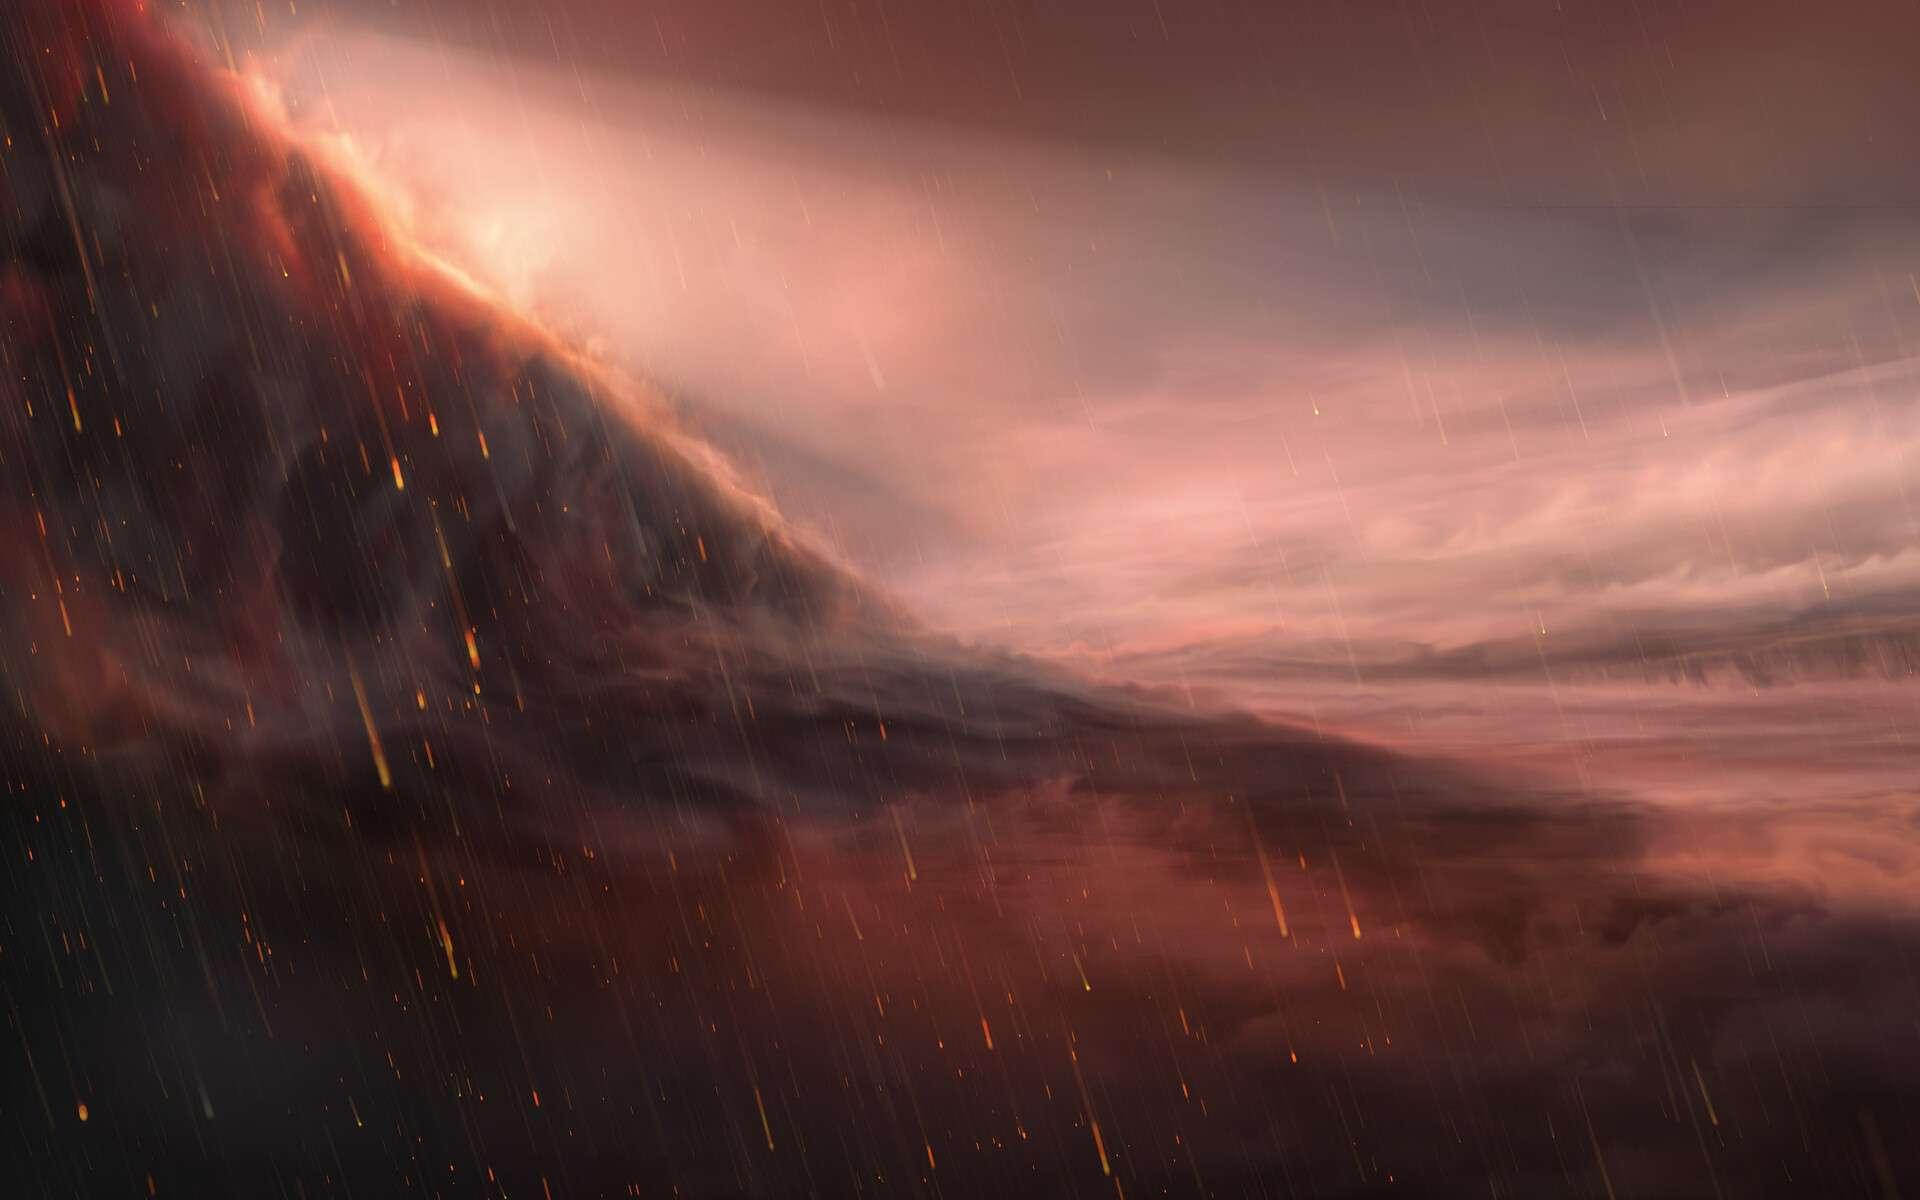 Cette illustration représente la face nocturne de l'exoplanète WASP-76b. La face éclairée de cette exoplanète géante et ultra-chaude voit sa température grimper au-delà des 2.400 degrés Celsius, ce qui suffit à vaporiser les métaux. De forts vents charrient la vapeur de fer vers la face nocturne de moindre température où elle se condense en gouttelettes de fer. À gauche de l'image, figure la frontière du soir, où s'effectue la transition jour-nuit à la surface de l'exoplanète. © ESO/M. Kornmesser